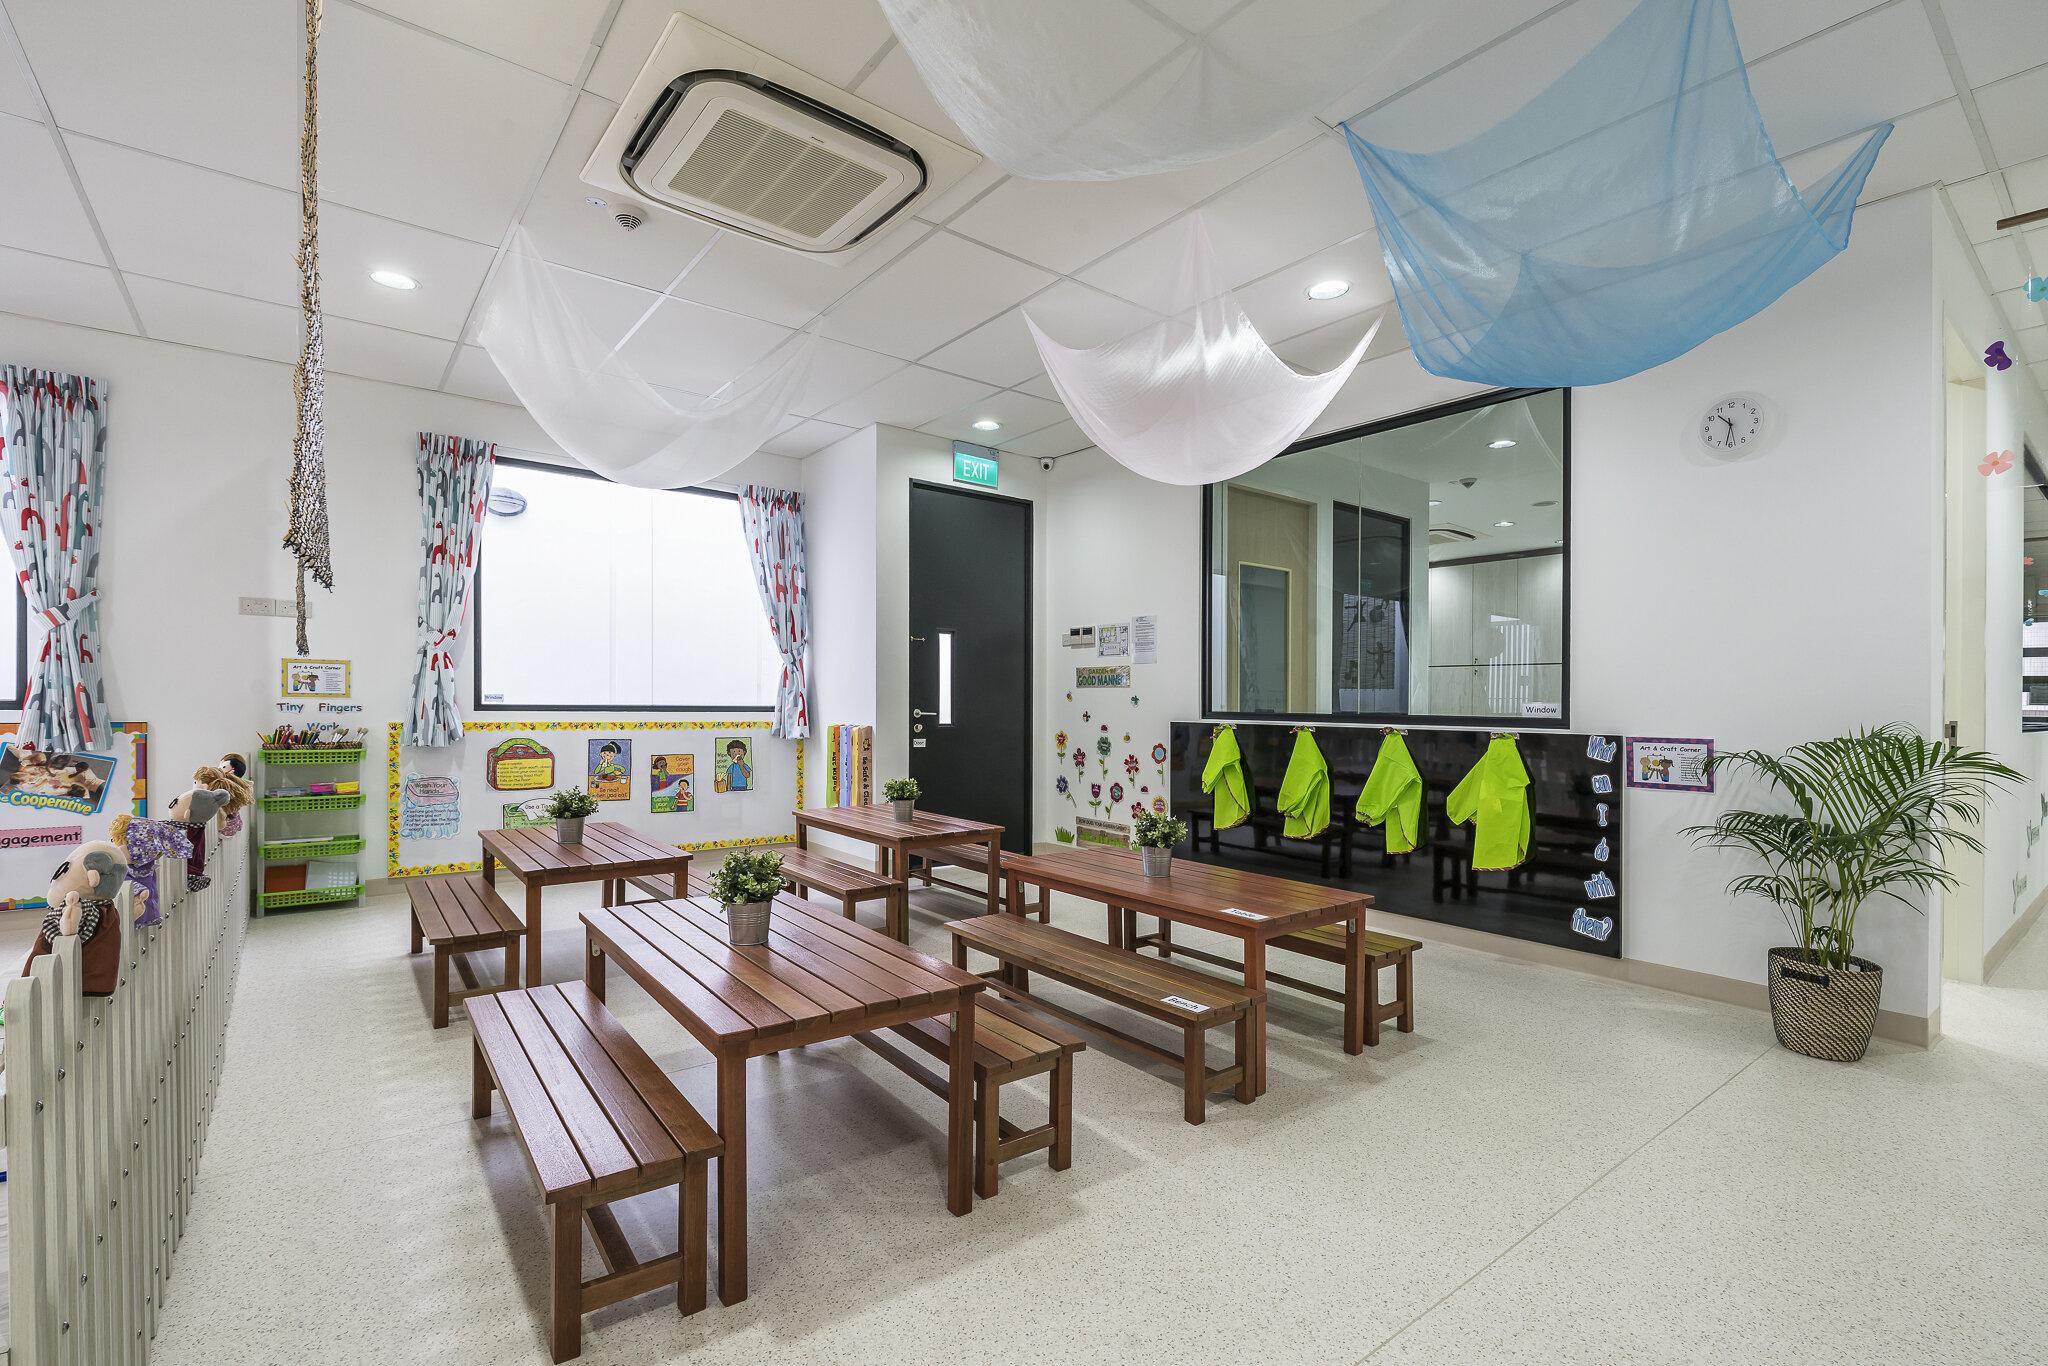 Interior-0002.jpg